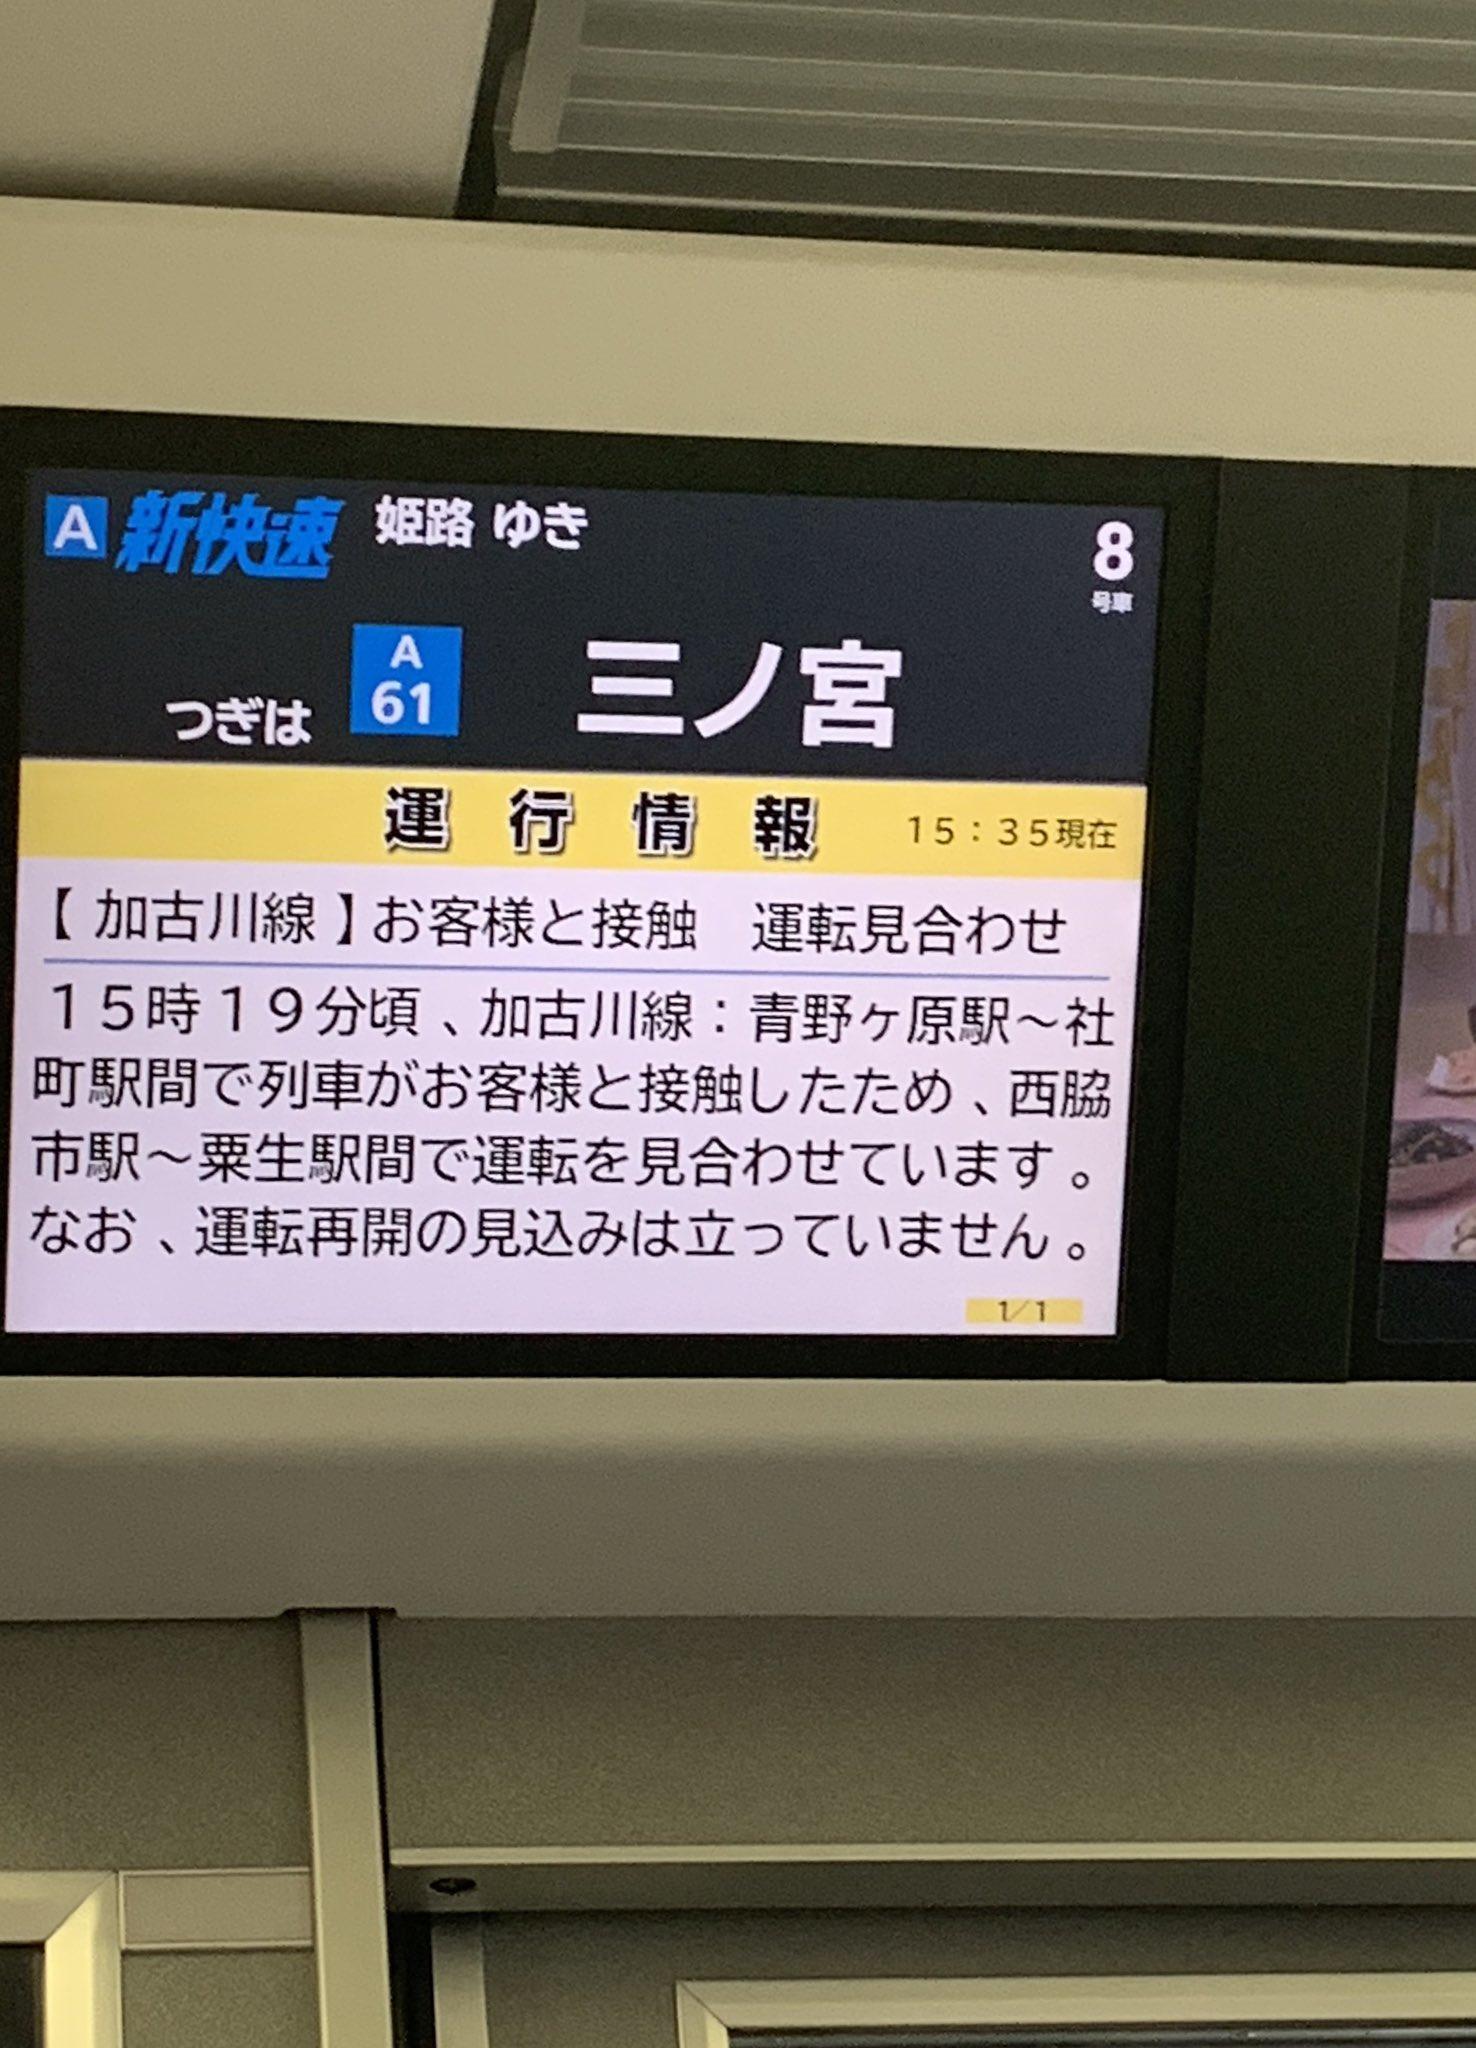 画像,へぇ人身事故って電車内やとお客様と接触って表示されるのか。って次は加古川線かい。。#人身事故#接触 https://t.co/hYmPwomP7Q…